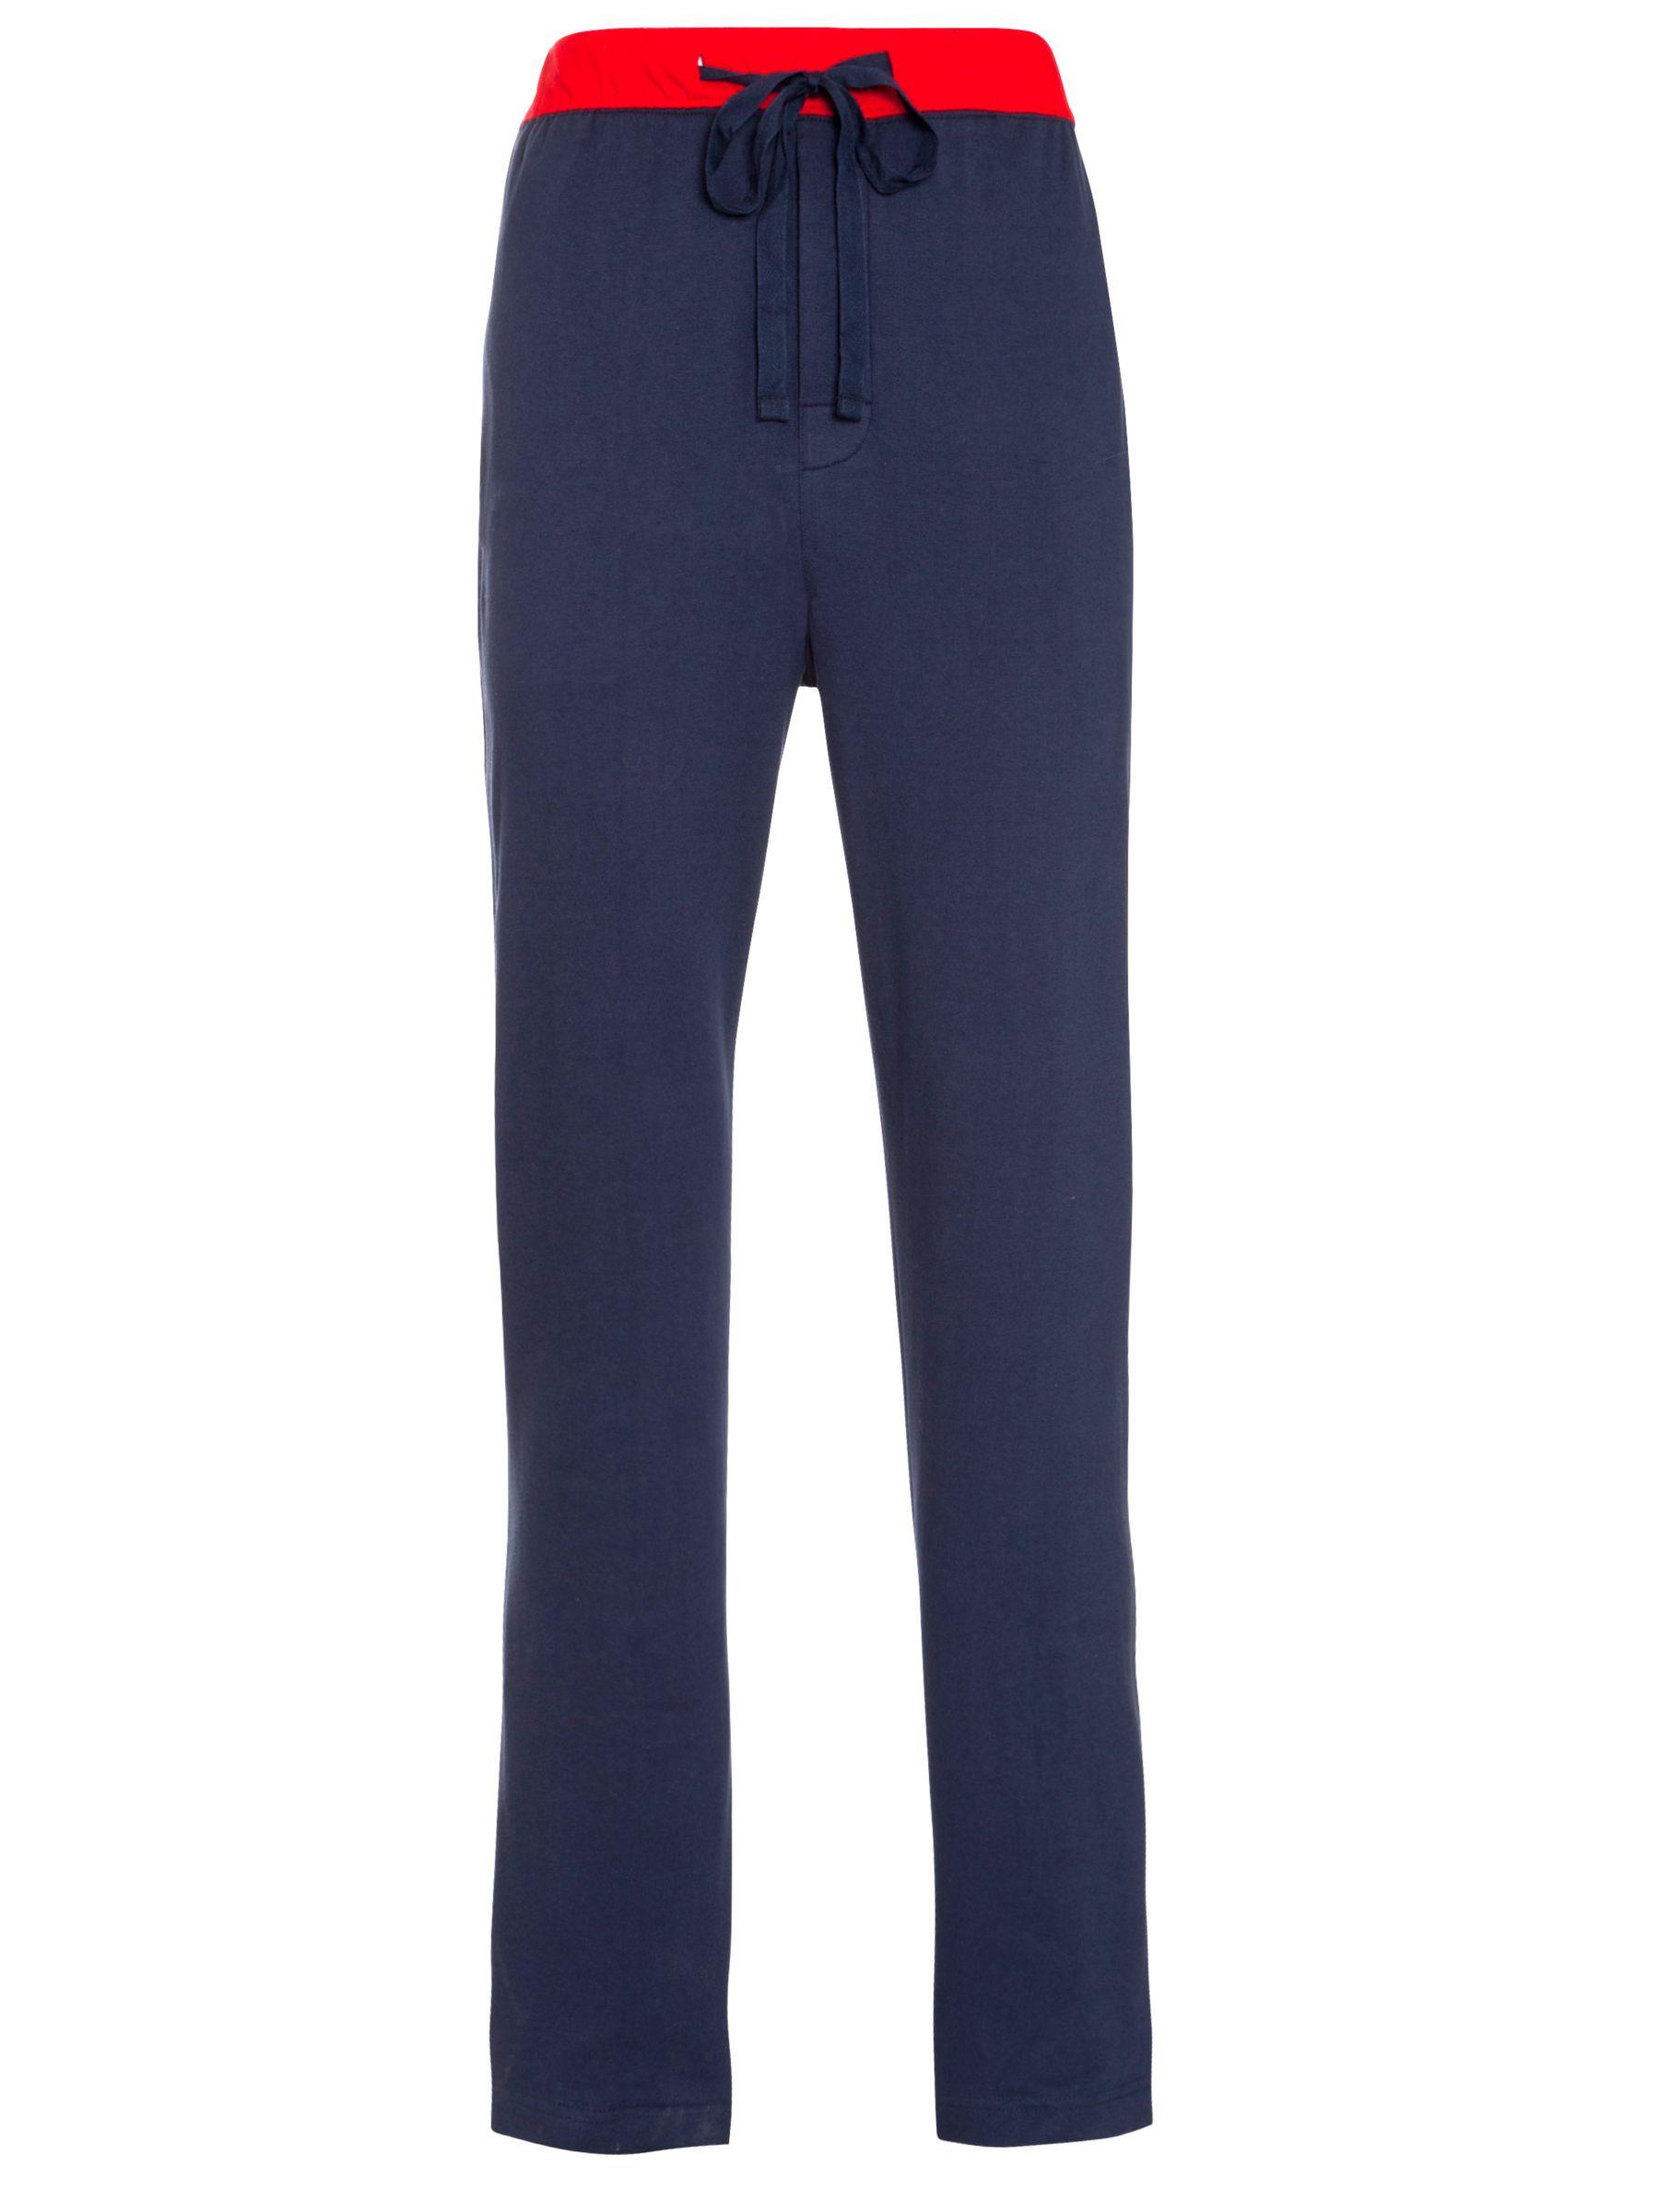 John Lewis Jersey Pyjama Pants, Navy